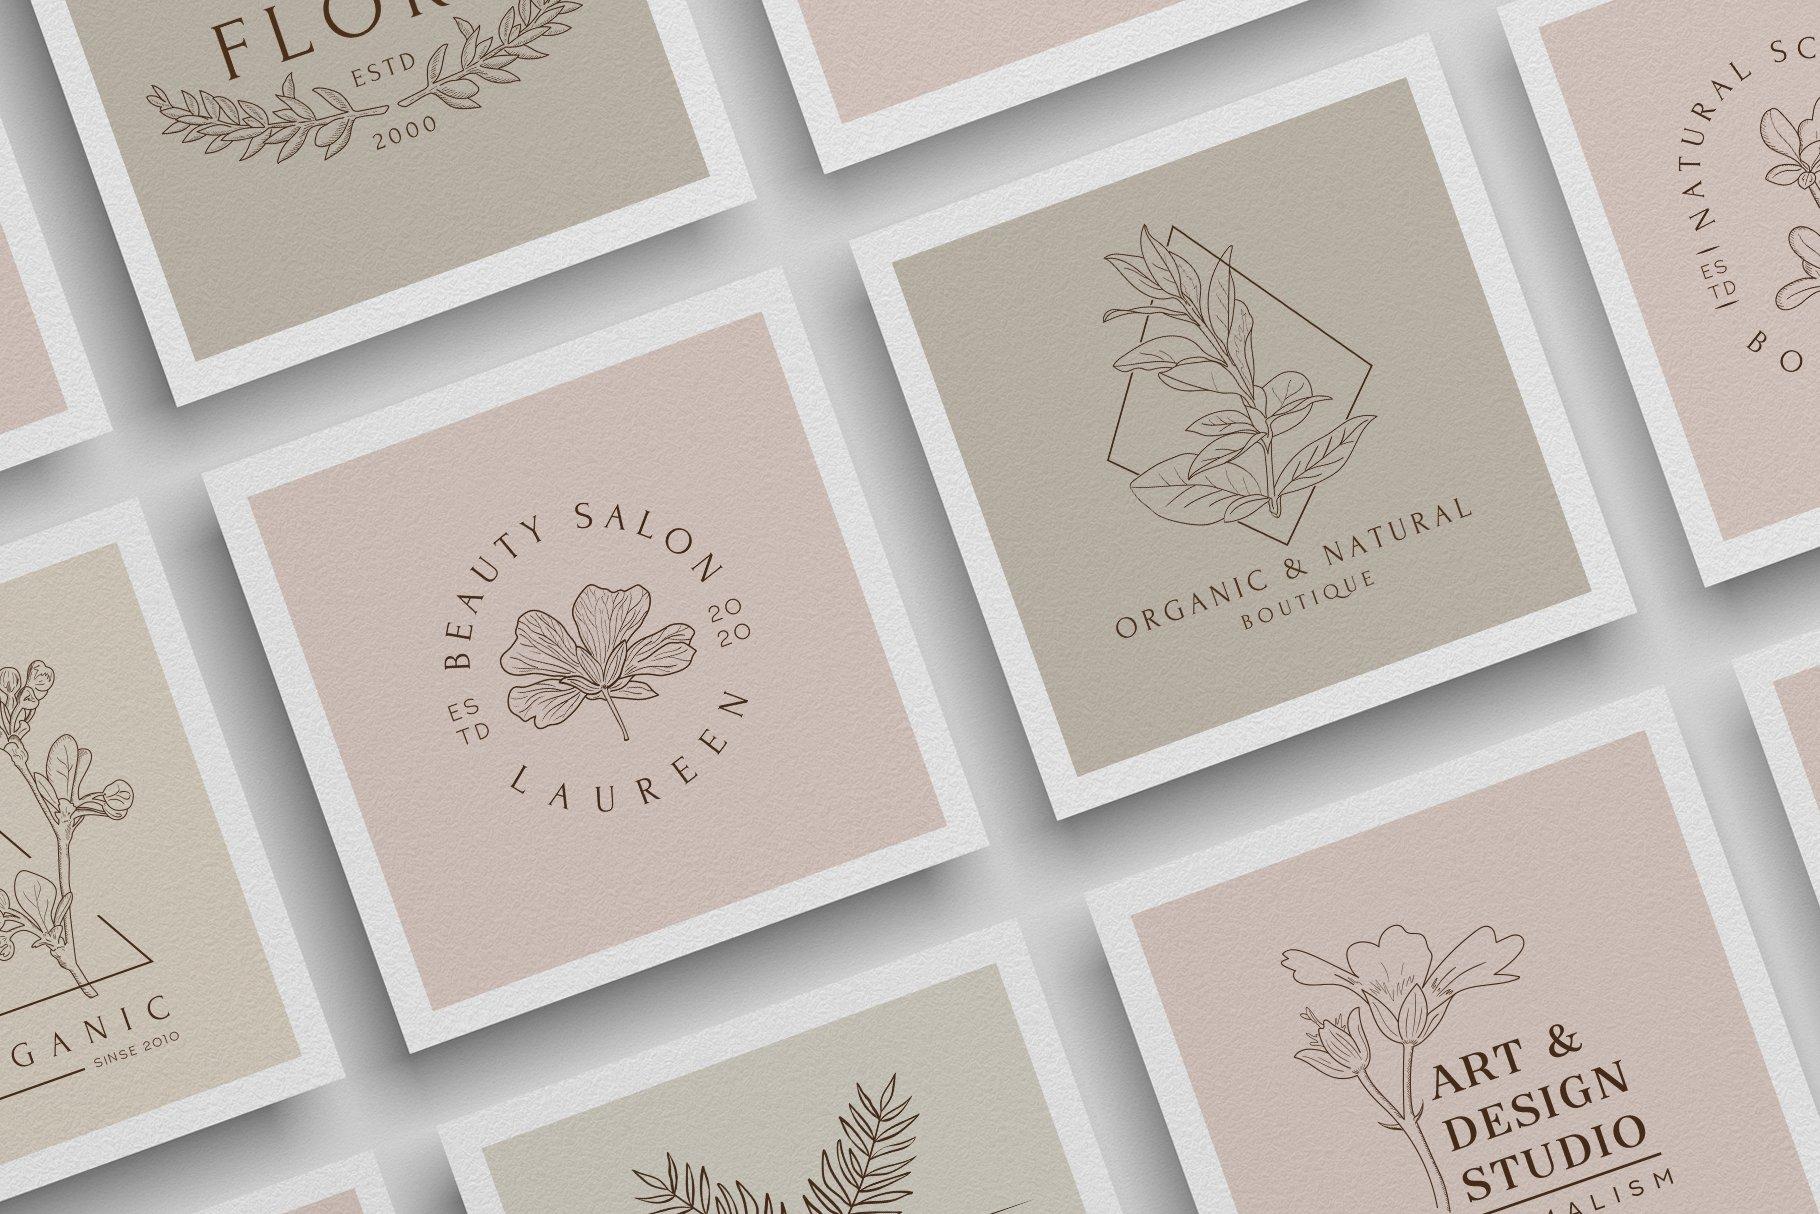 精美植物徽标标志设计AI矢量模板素材 BotanicalLogos & Illustrations插图(2)